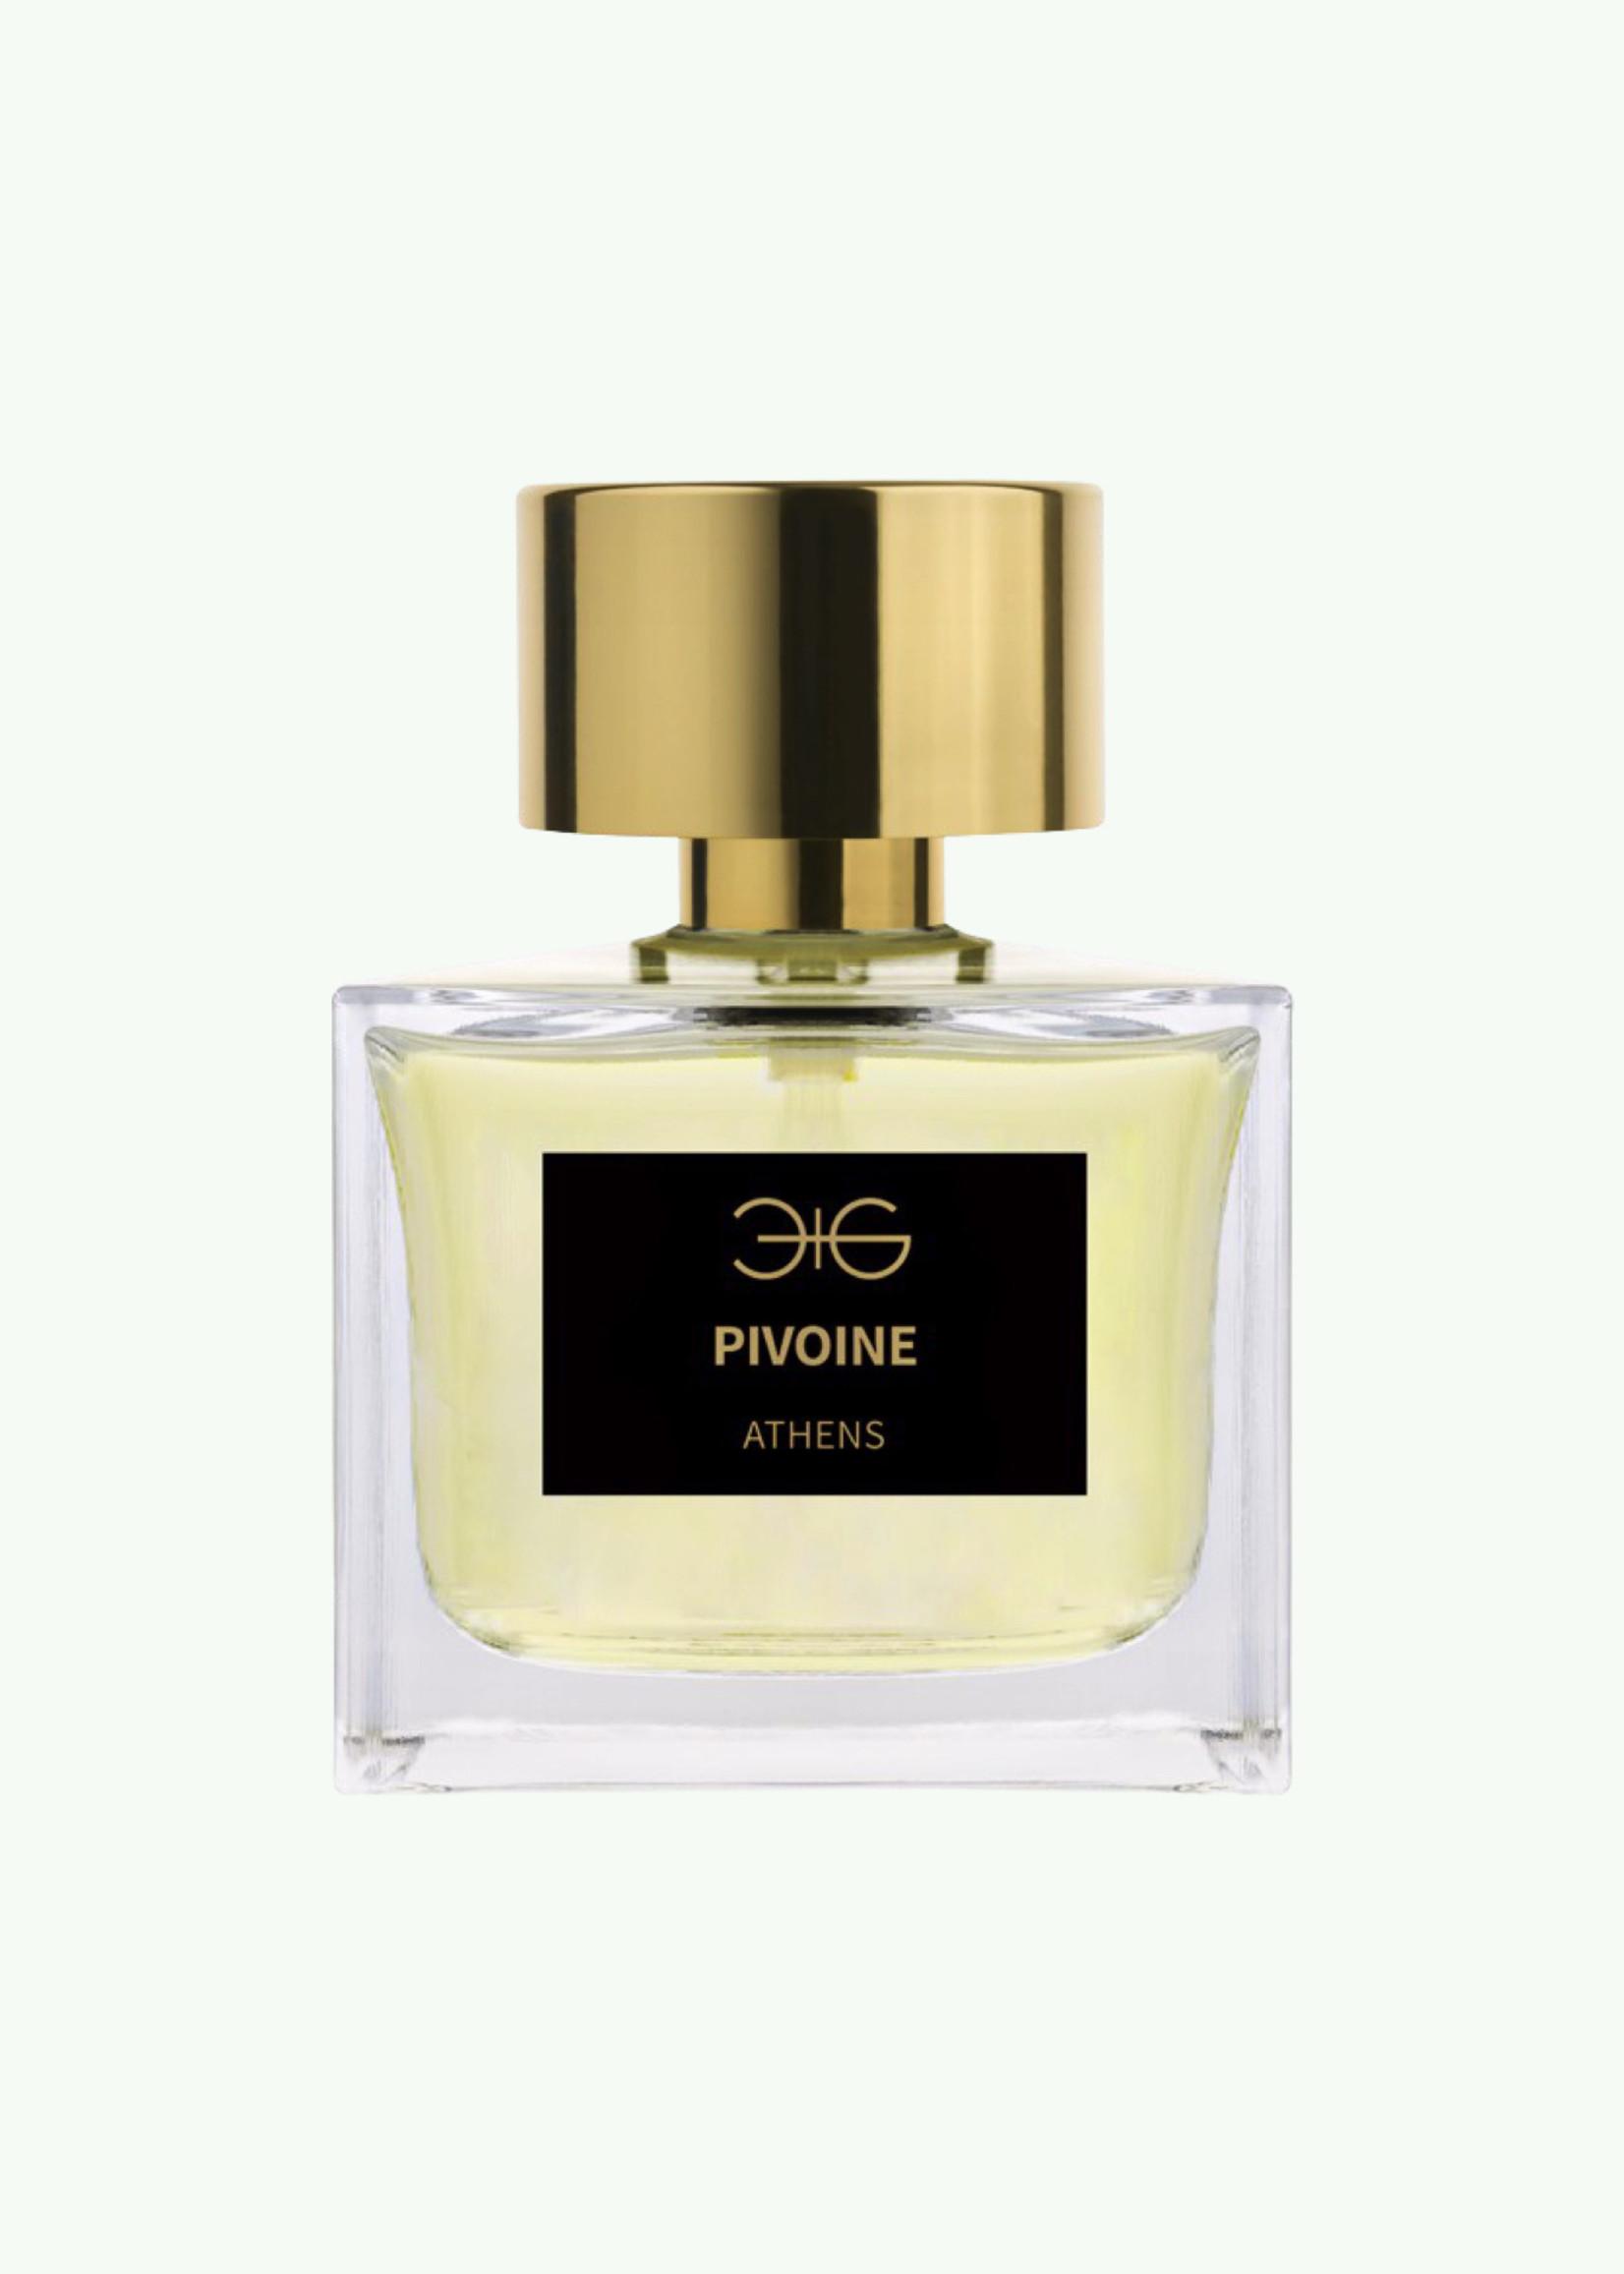 Manos Gerakinis Manos Gerakinis - Pivoine - Eau de Parfum